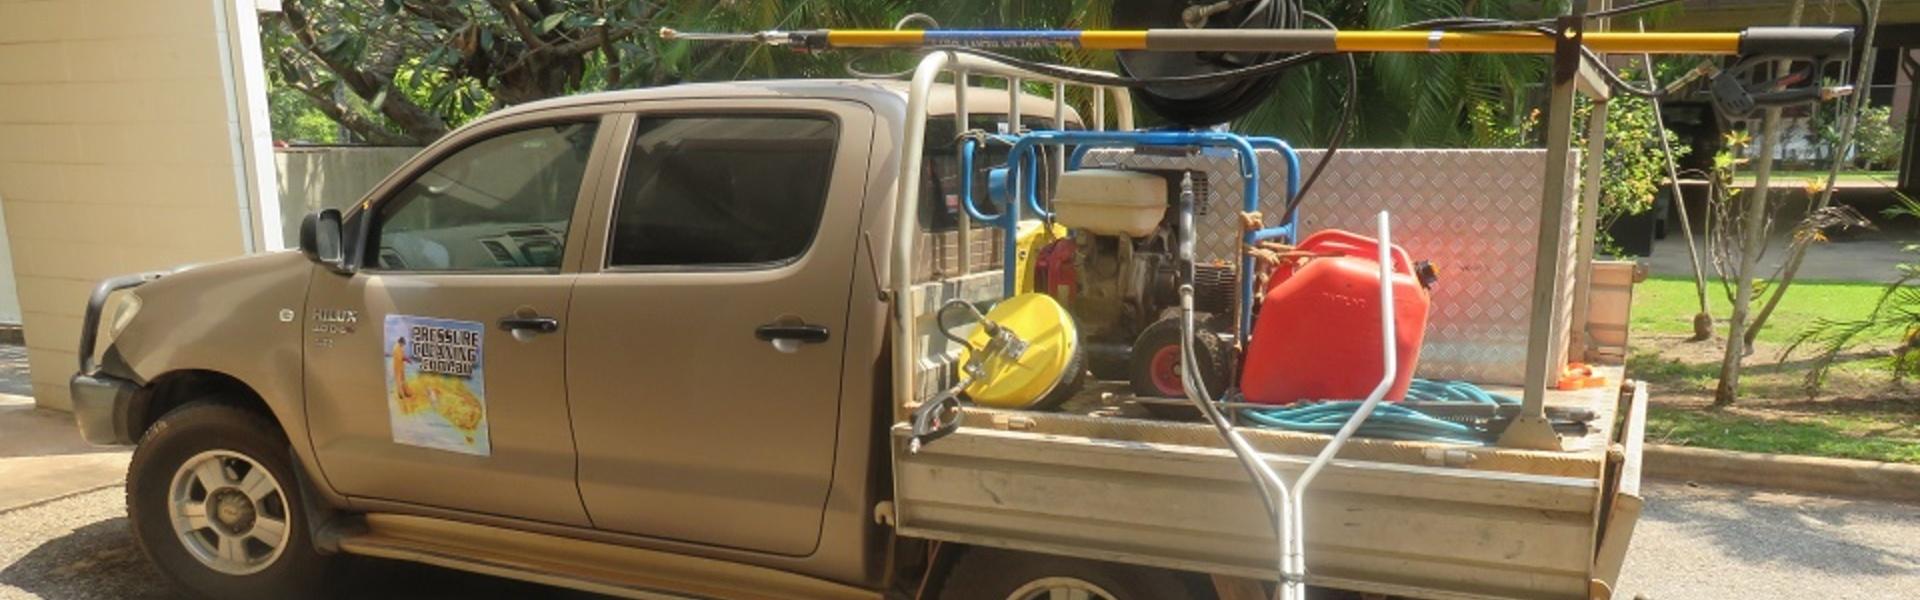 Darwin_Pressure_Cleaning_Work_Vehicle.jpg